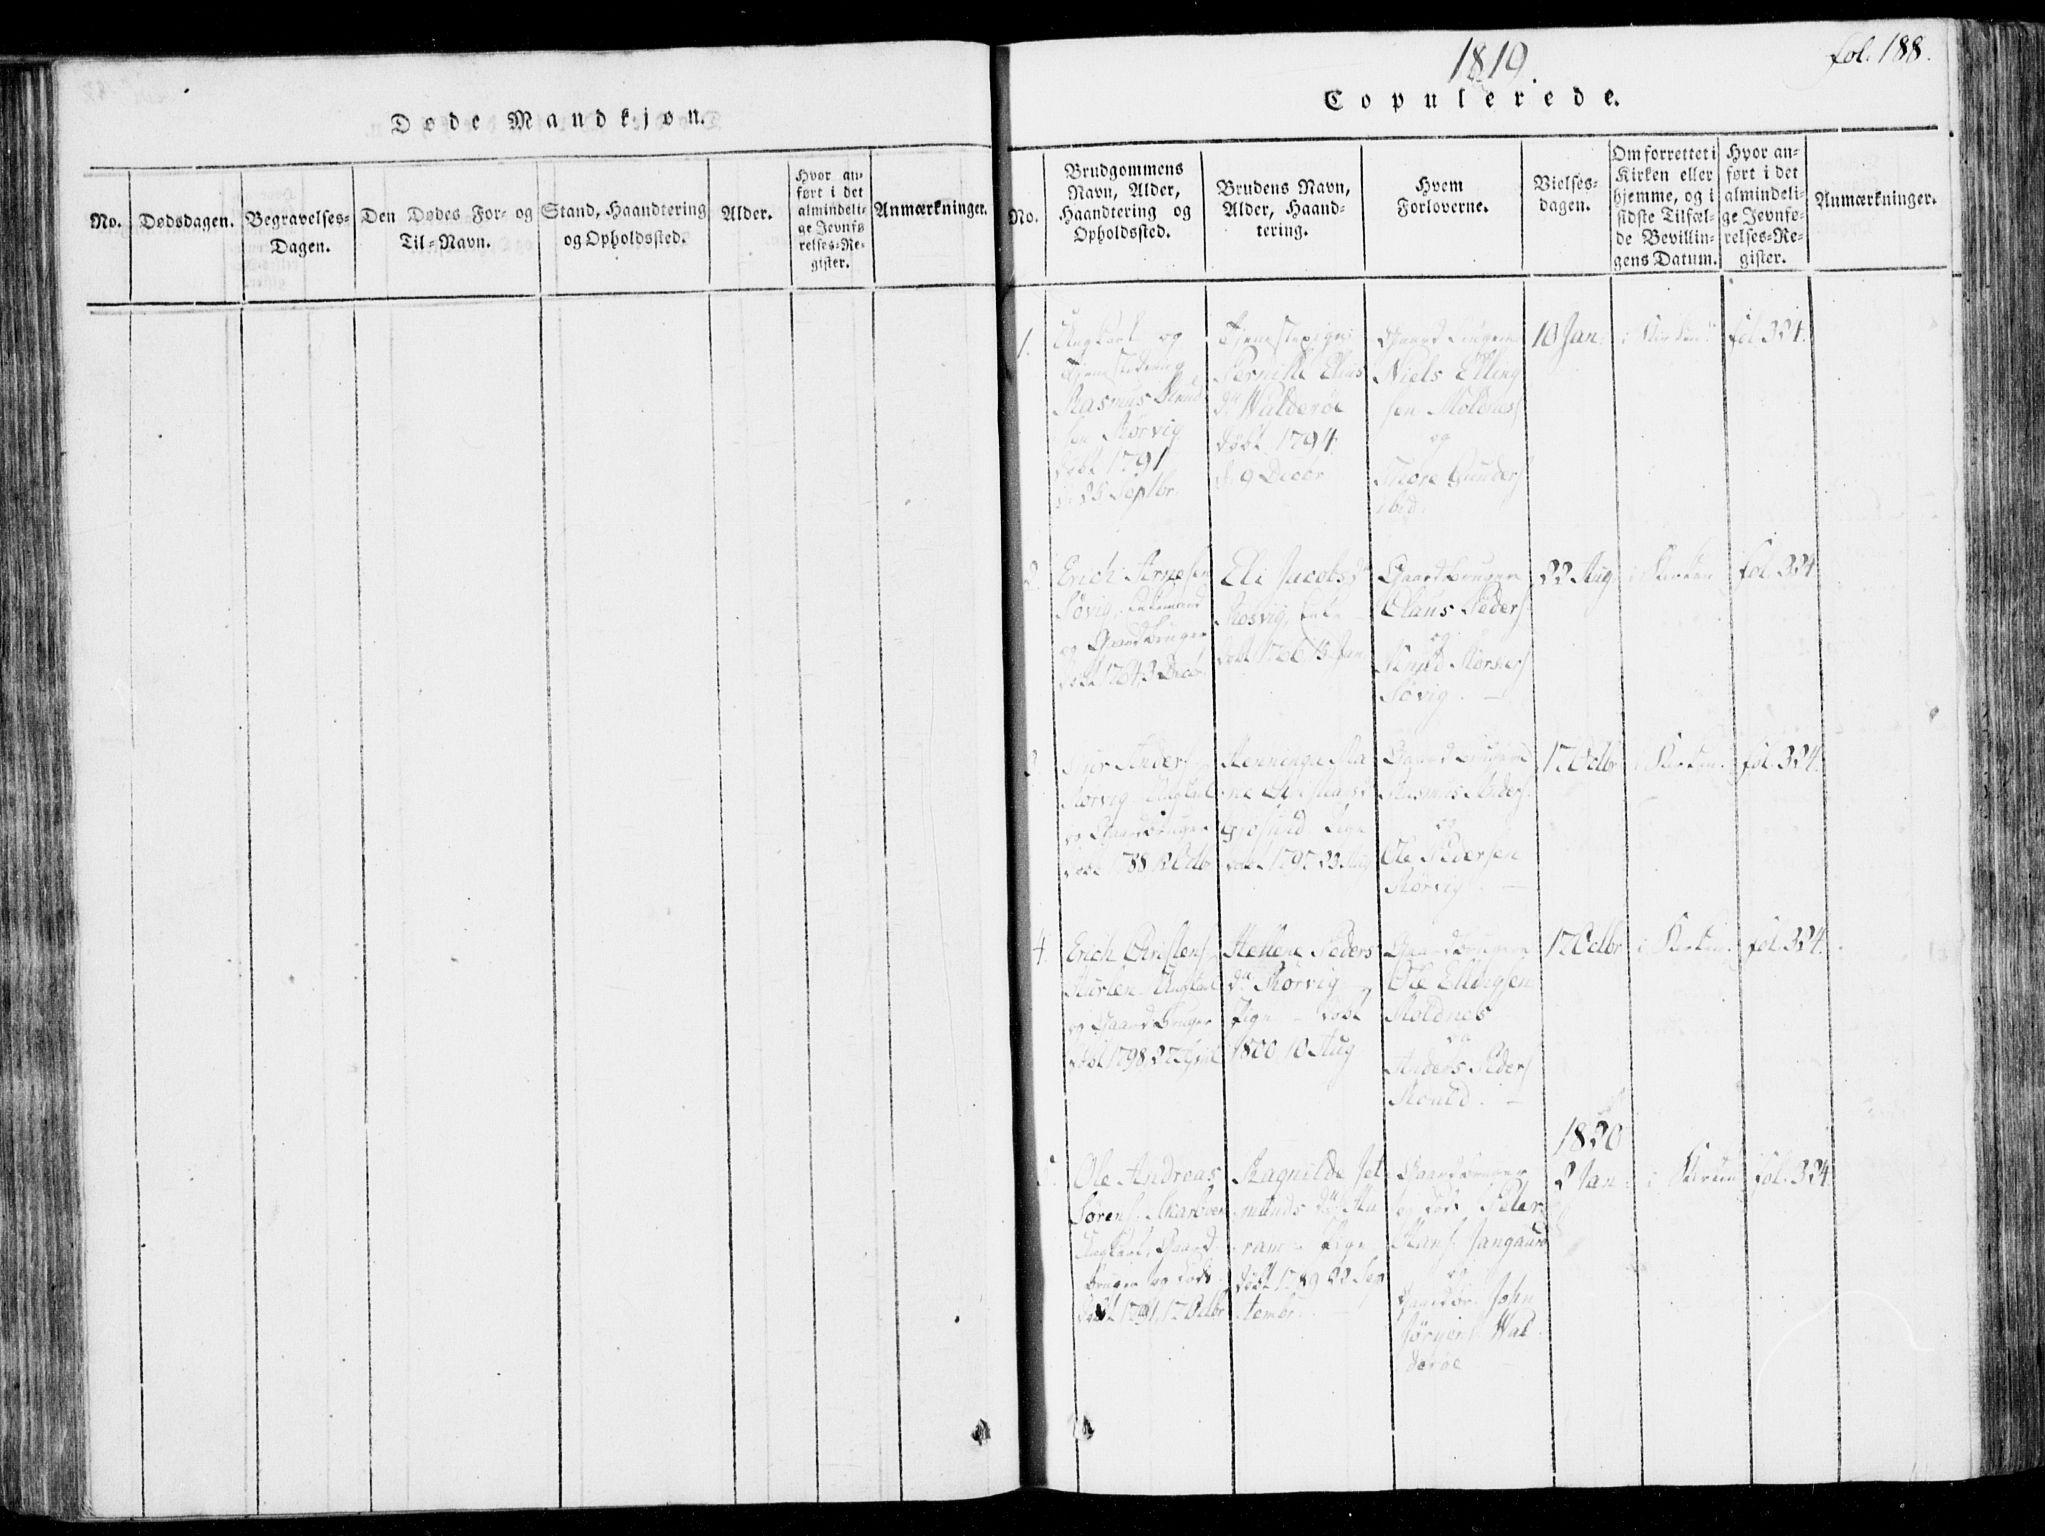 SAT, Ministerialprotokoller, klokkerbøker og fødselsregistre - Møre og Romsdal, 537/L0517: Ministerialbok nr. 537A01, 1818-1862, s. 188